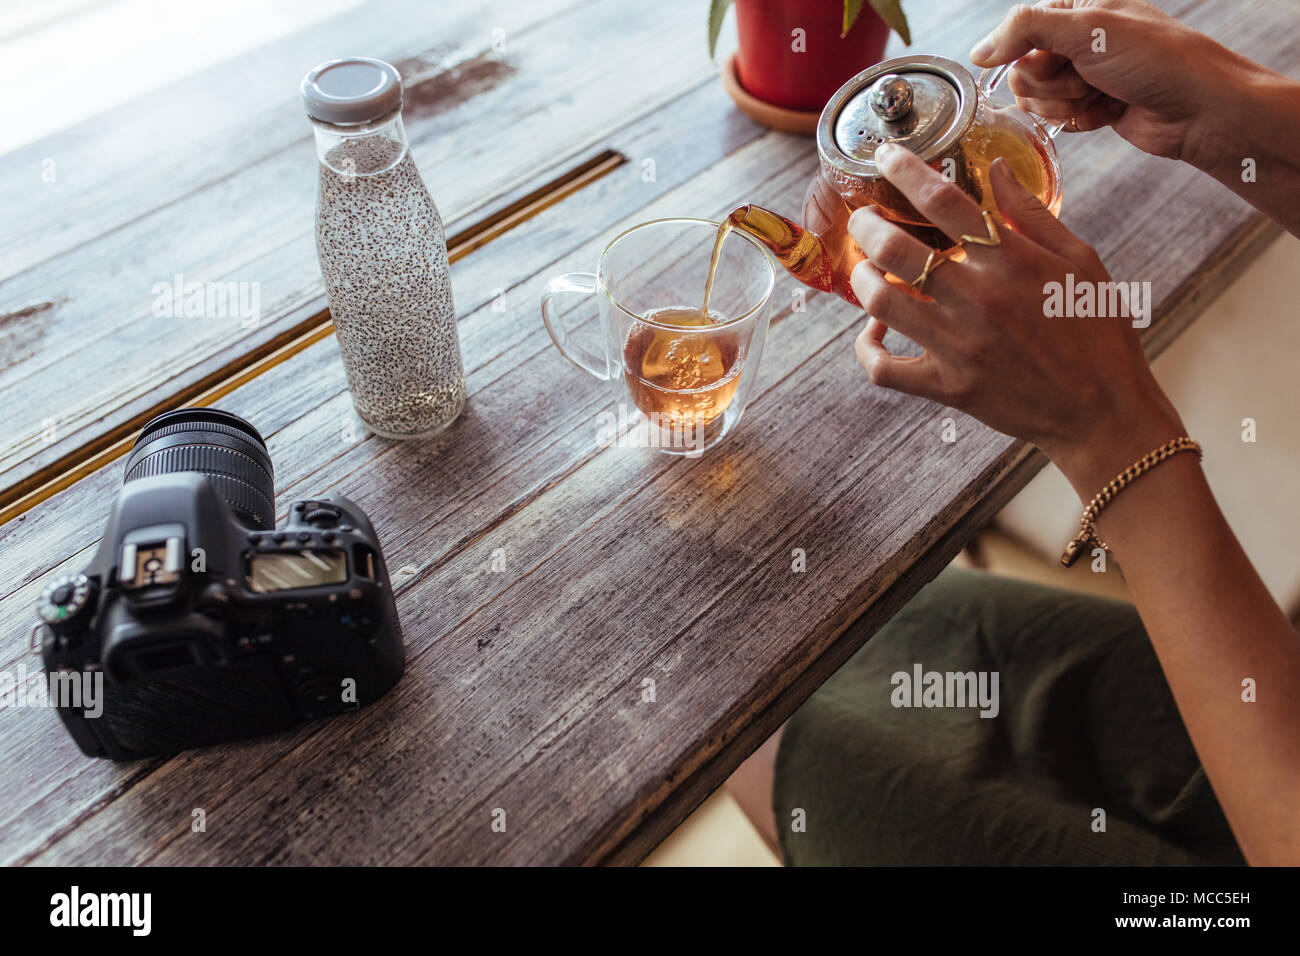 Close up of a woman pouring thé dans une tasse d'une théière en verre. La préparation du thé femme tandis qu'un appareil photo professionnel et une bouteille remplie de jus sont place Banque D'Images